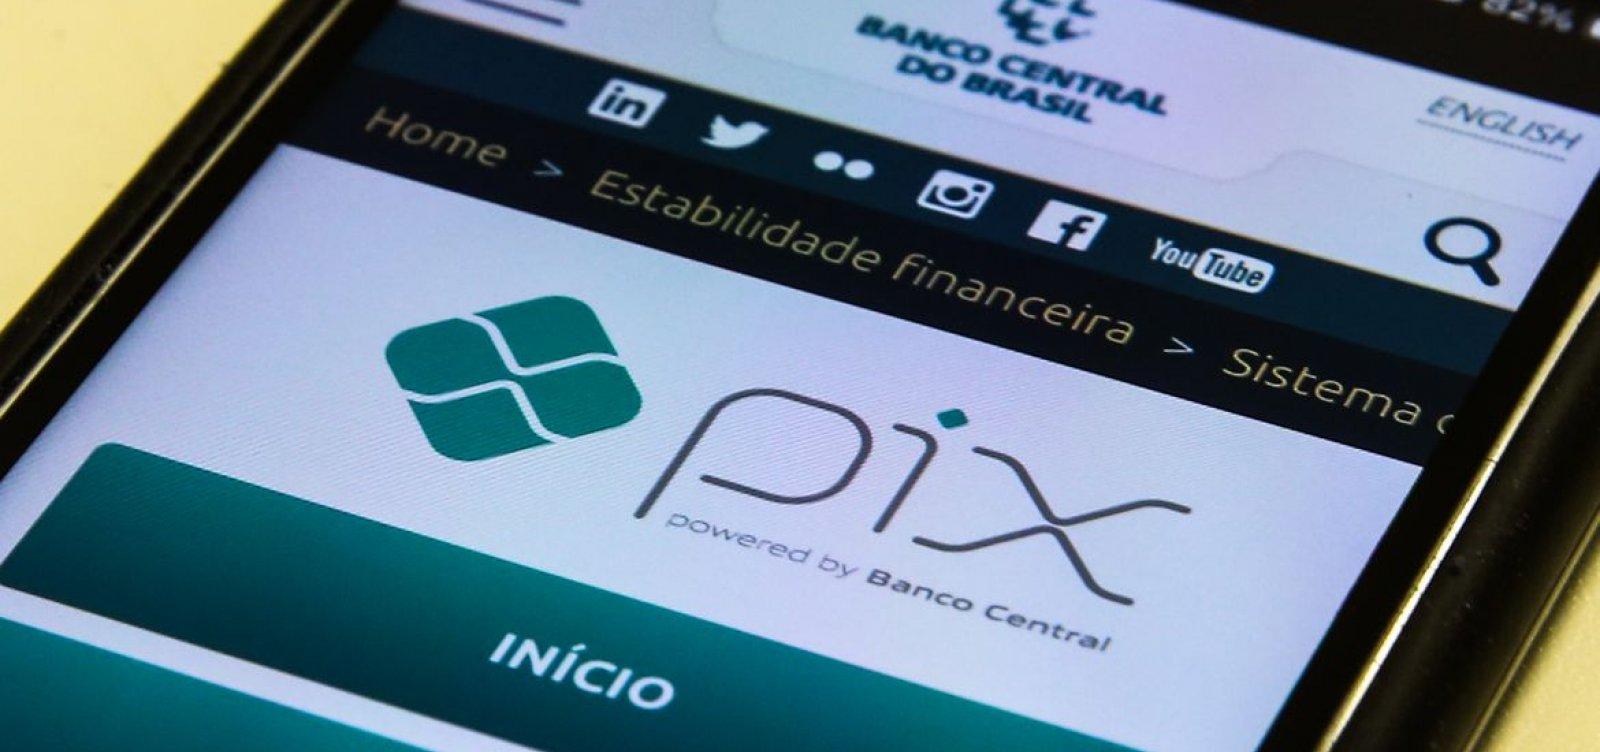 Banco Central abre caminho para uso do Pix pelo WhatsApp e em e compras online